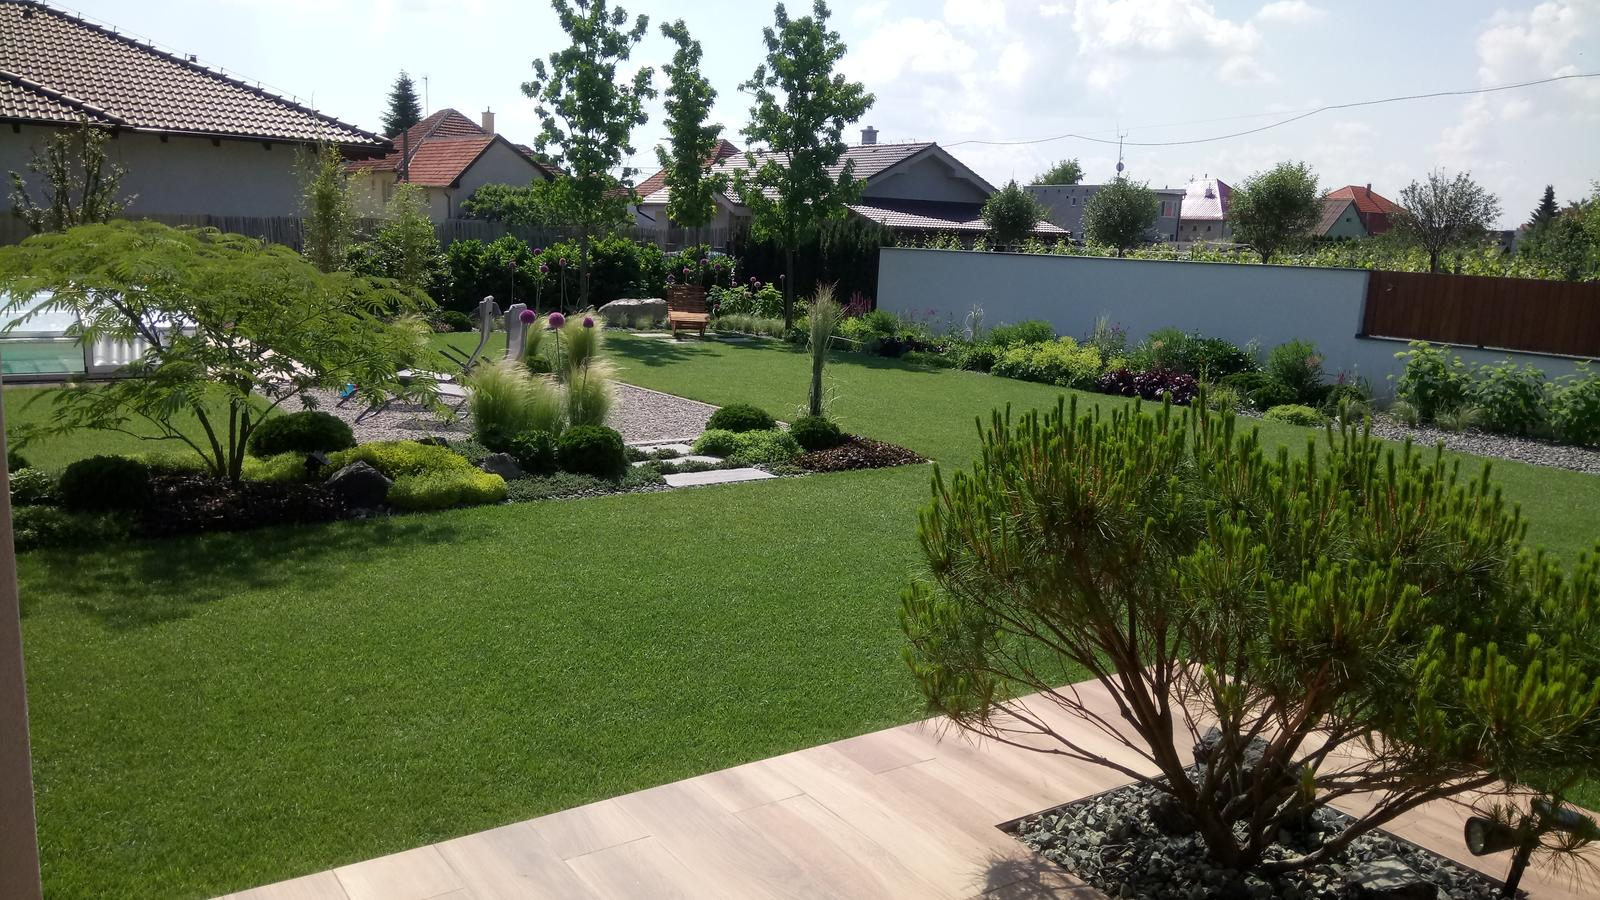 Zahrada 2017 - Obrázok č. 57